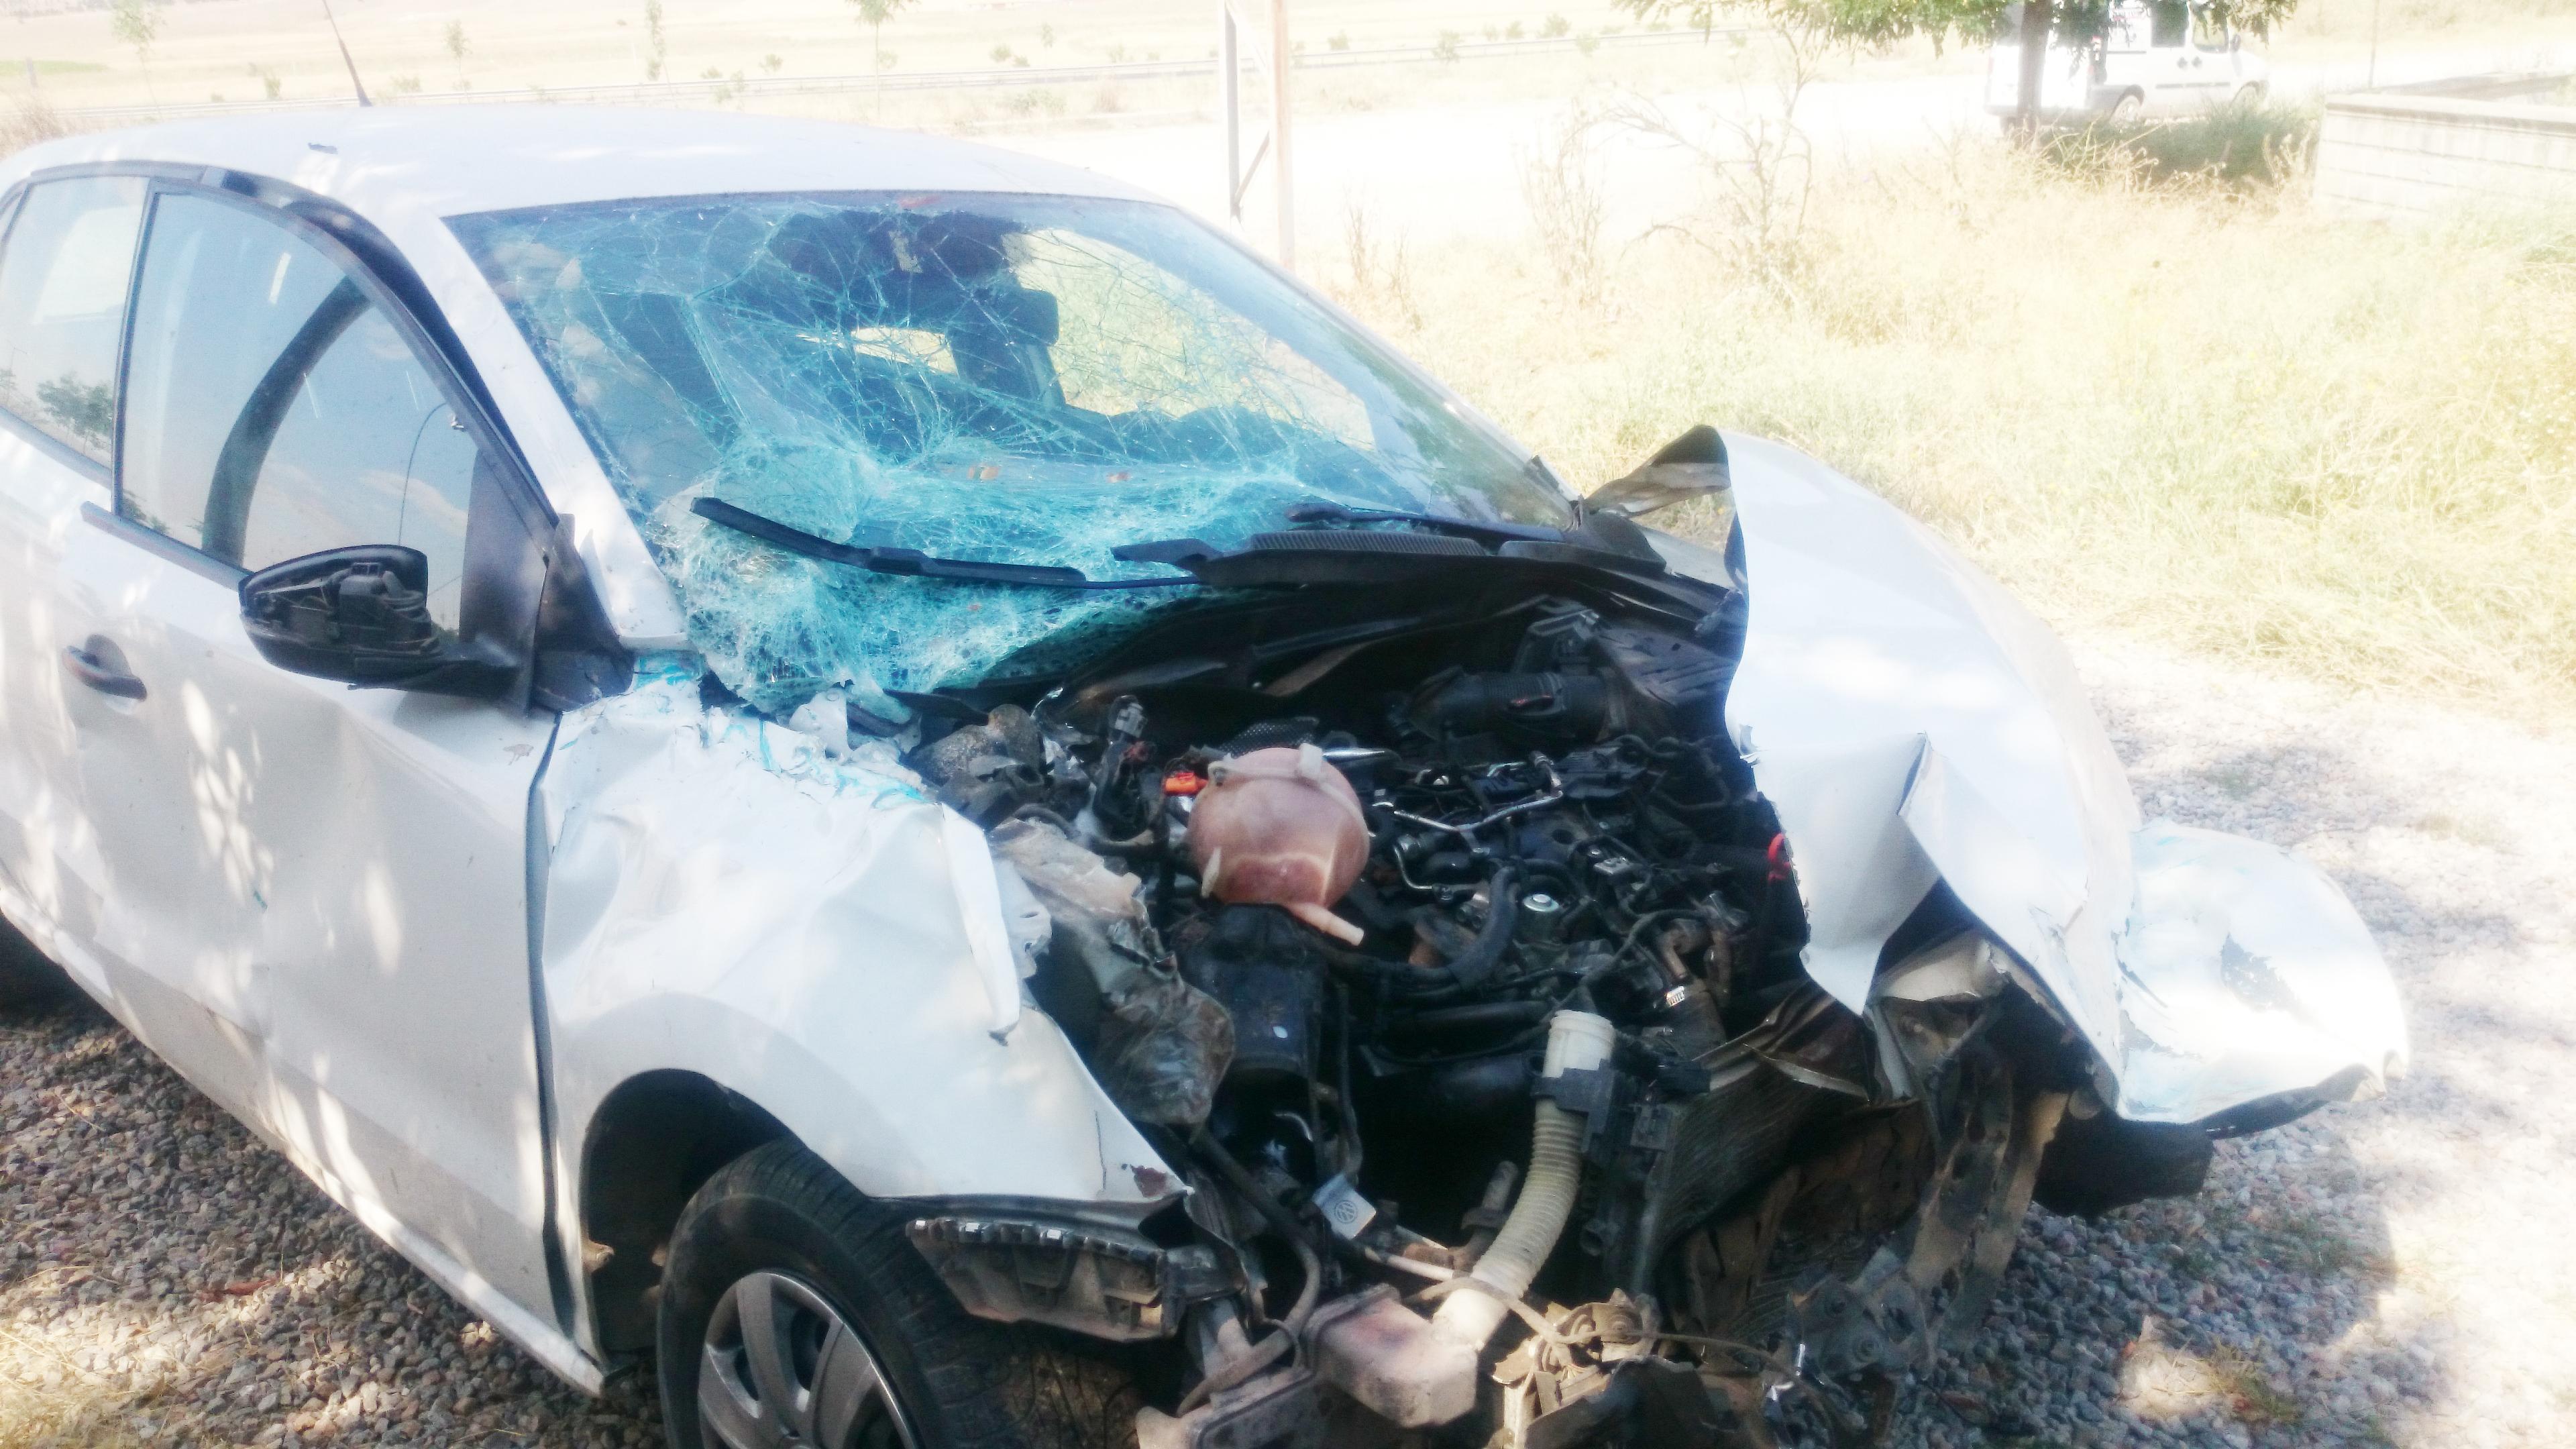 Argıthanında kaza : 1 ölü